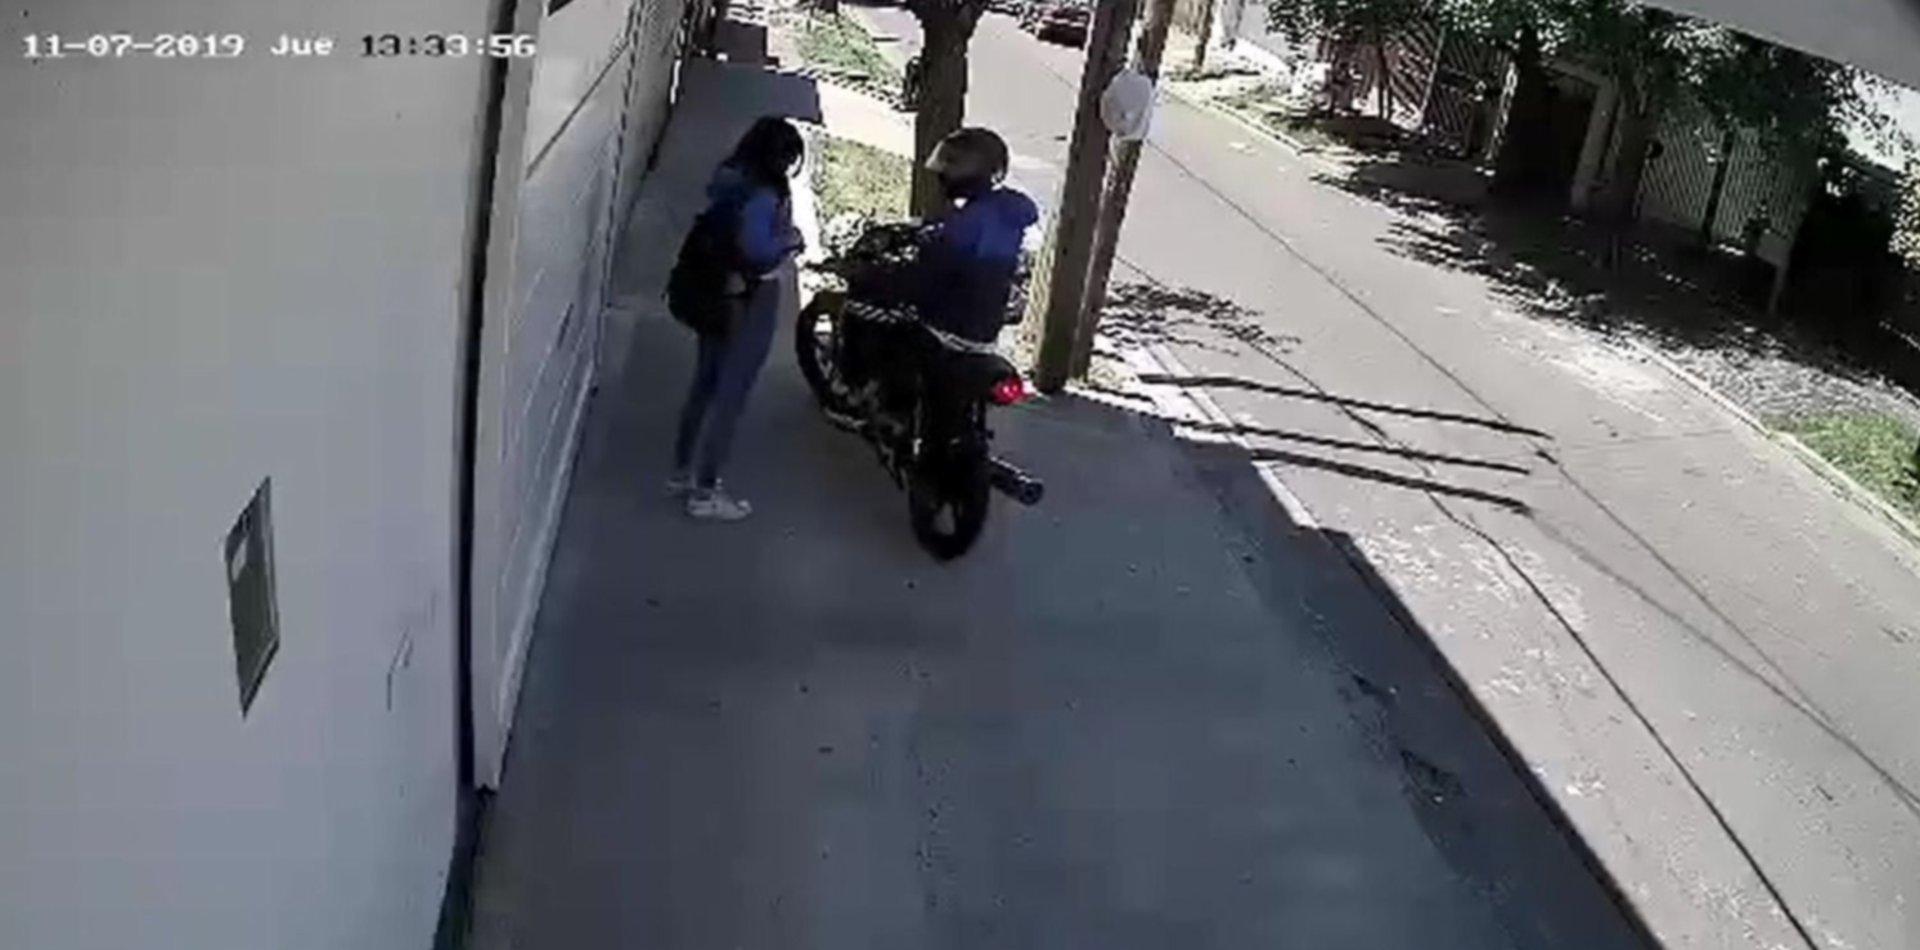 VIDEO: Un motochorro asaltó a una joven y escapó con su celular a plena luz del día